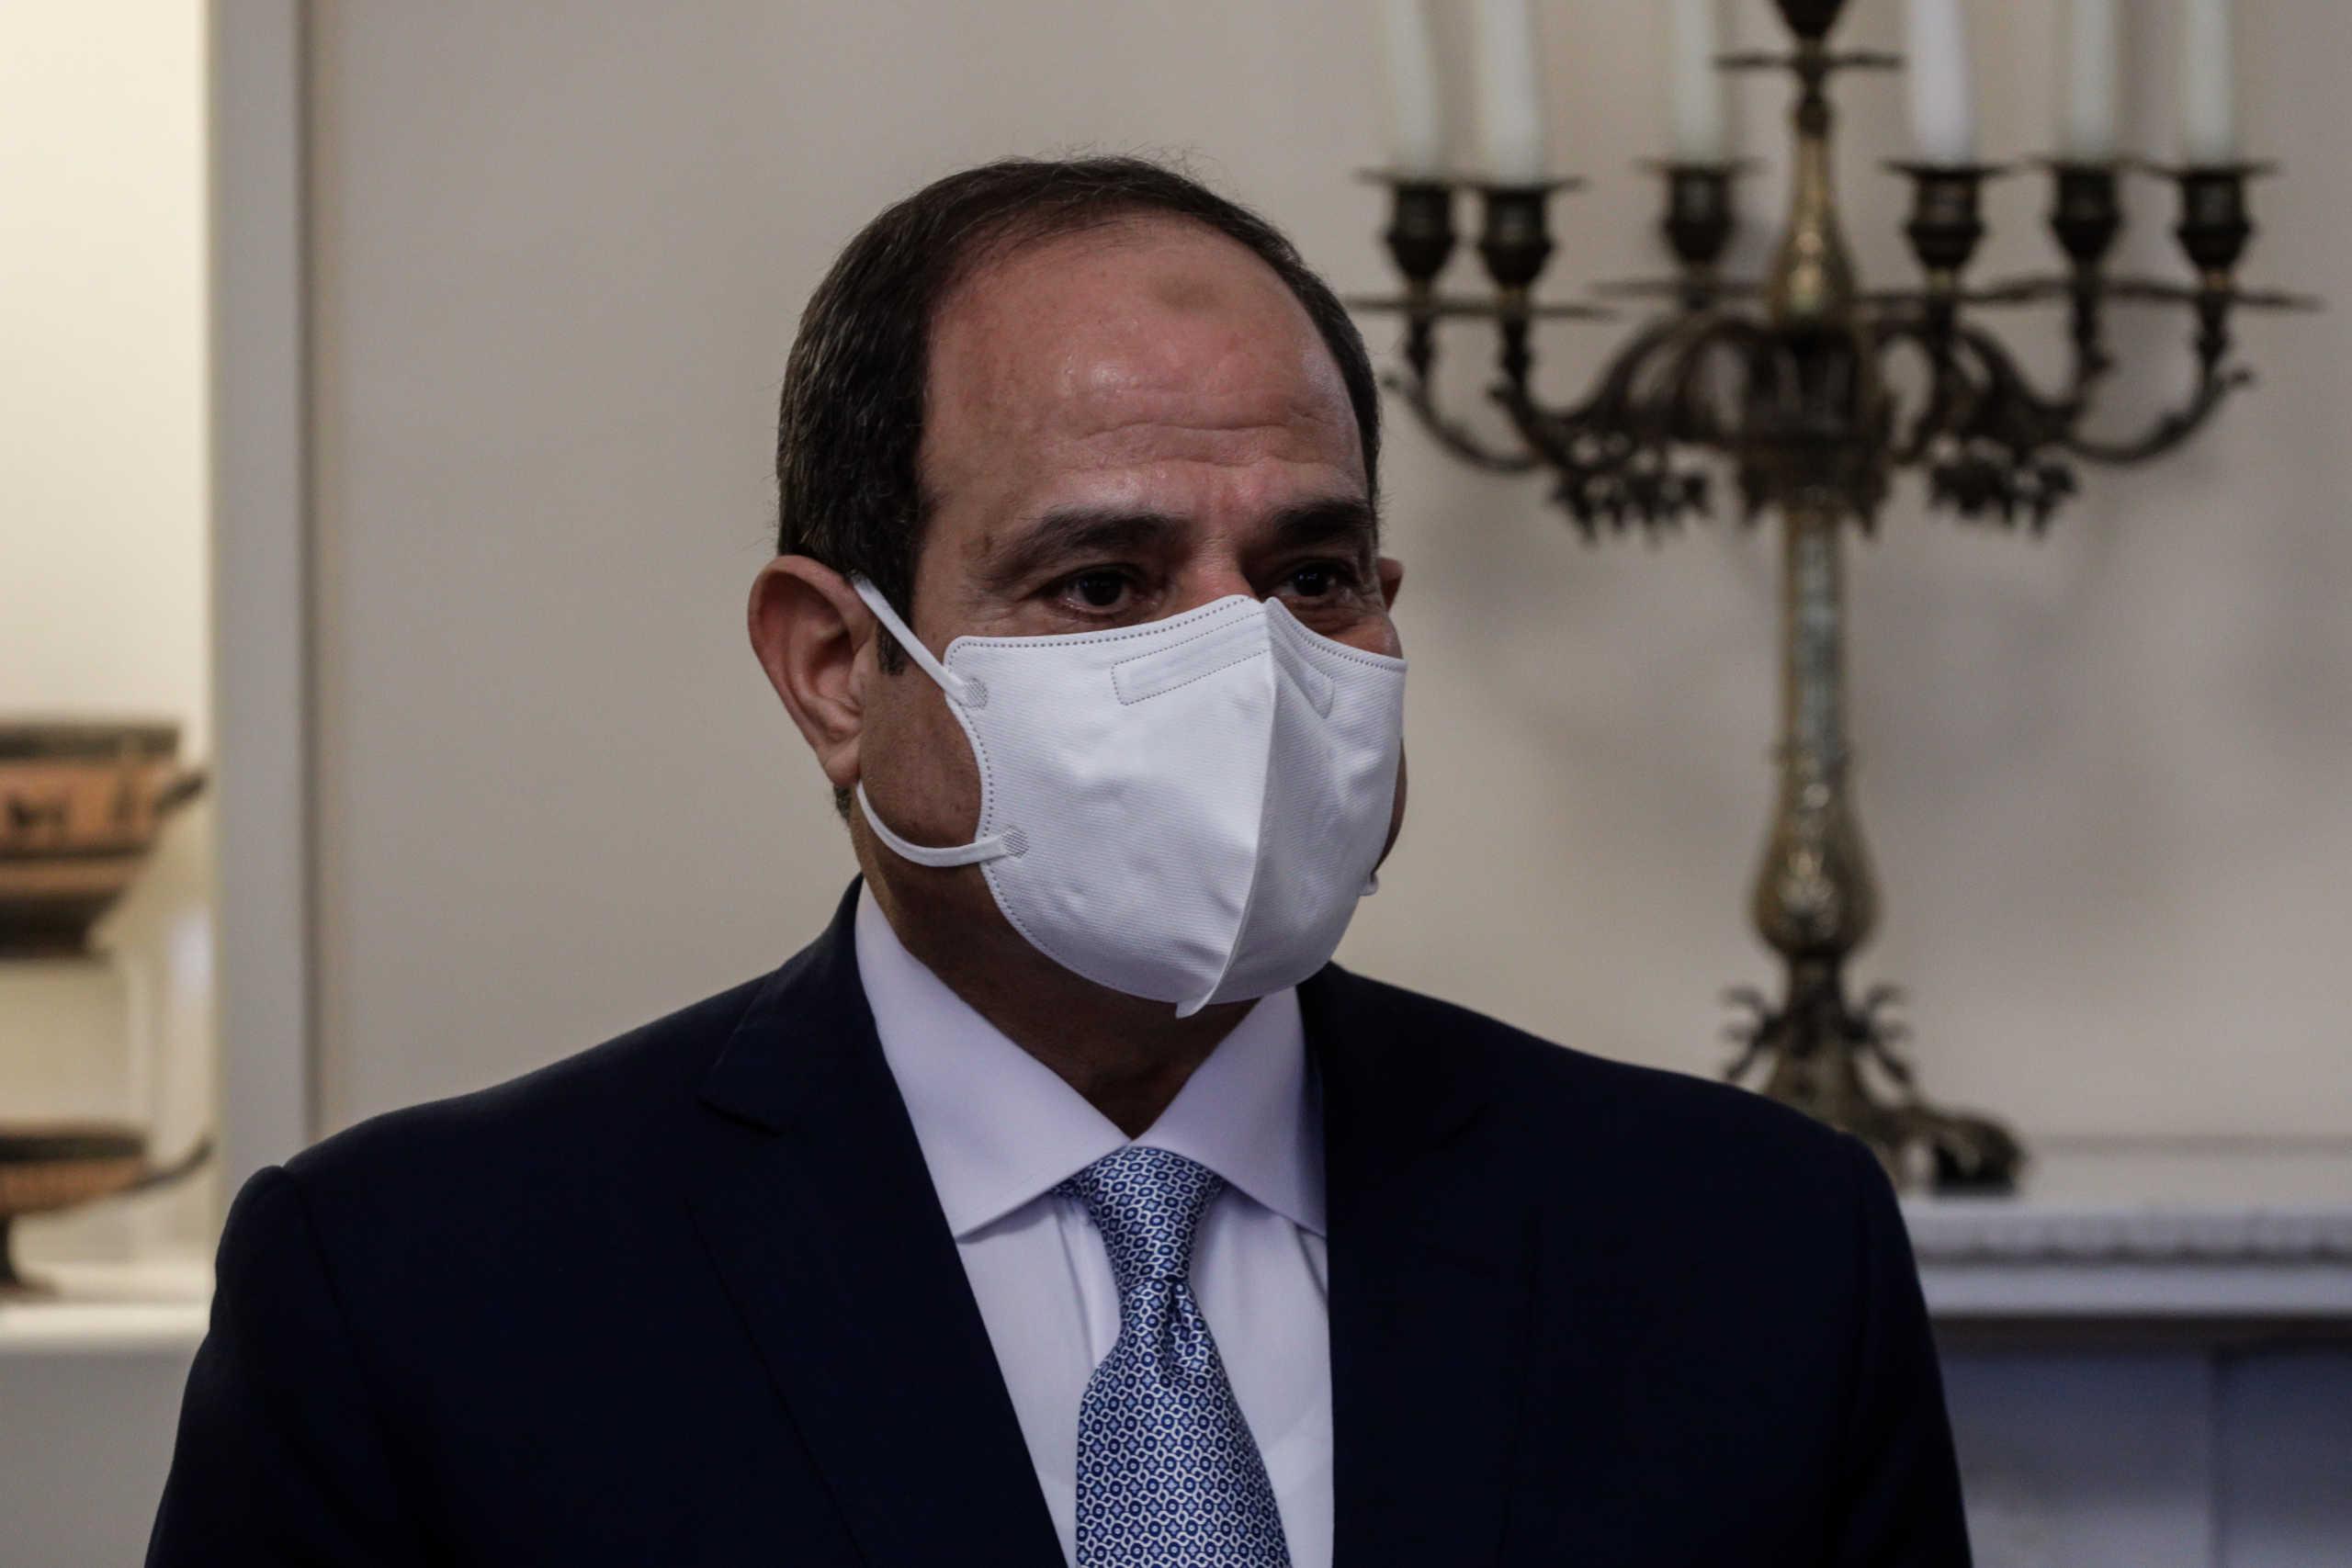 Αίγυπτος: Μήνυμα στήριξης από τον Αλ Σίσι προς τον Πατριάρχη Θεόδωρο